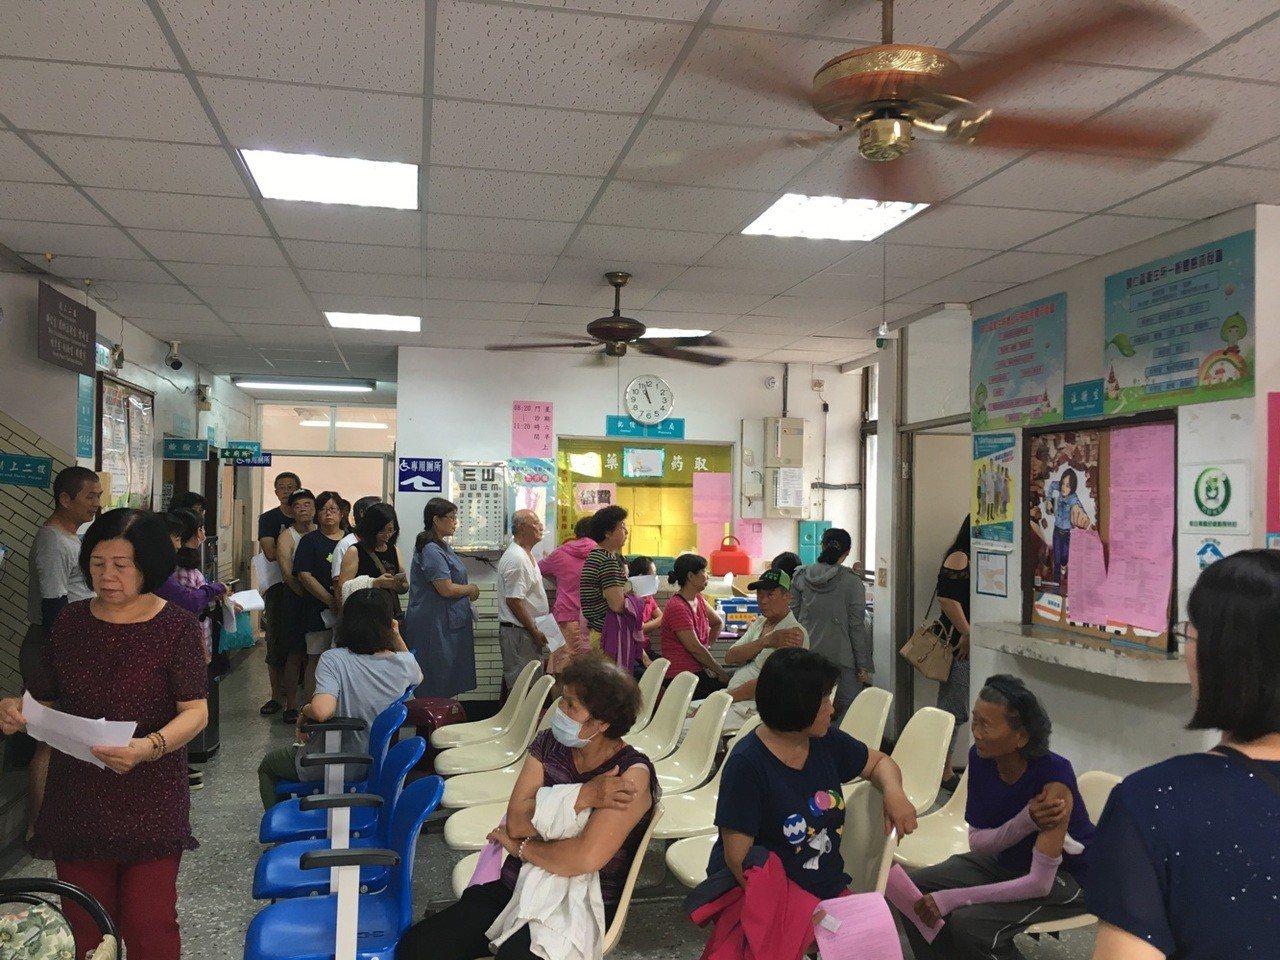 台南市衛生局提供歸仁區民眾日本腦炎免費疫苗注射。圖/衛生局提供